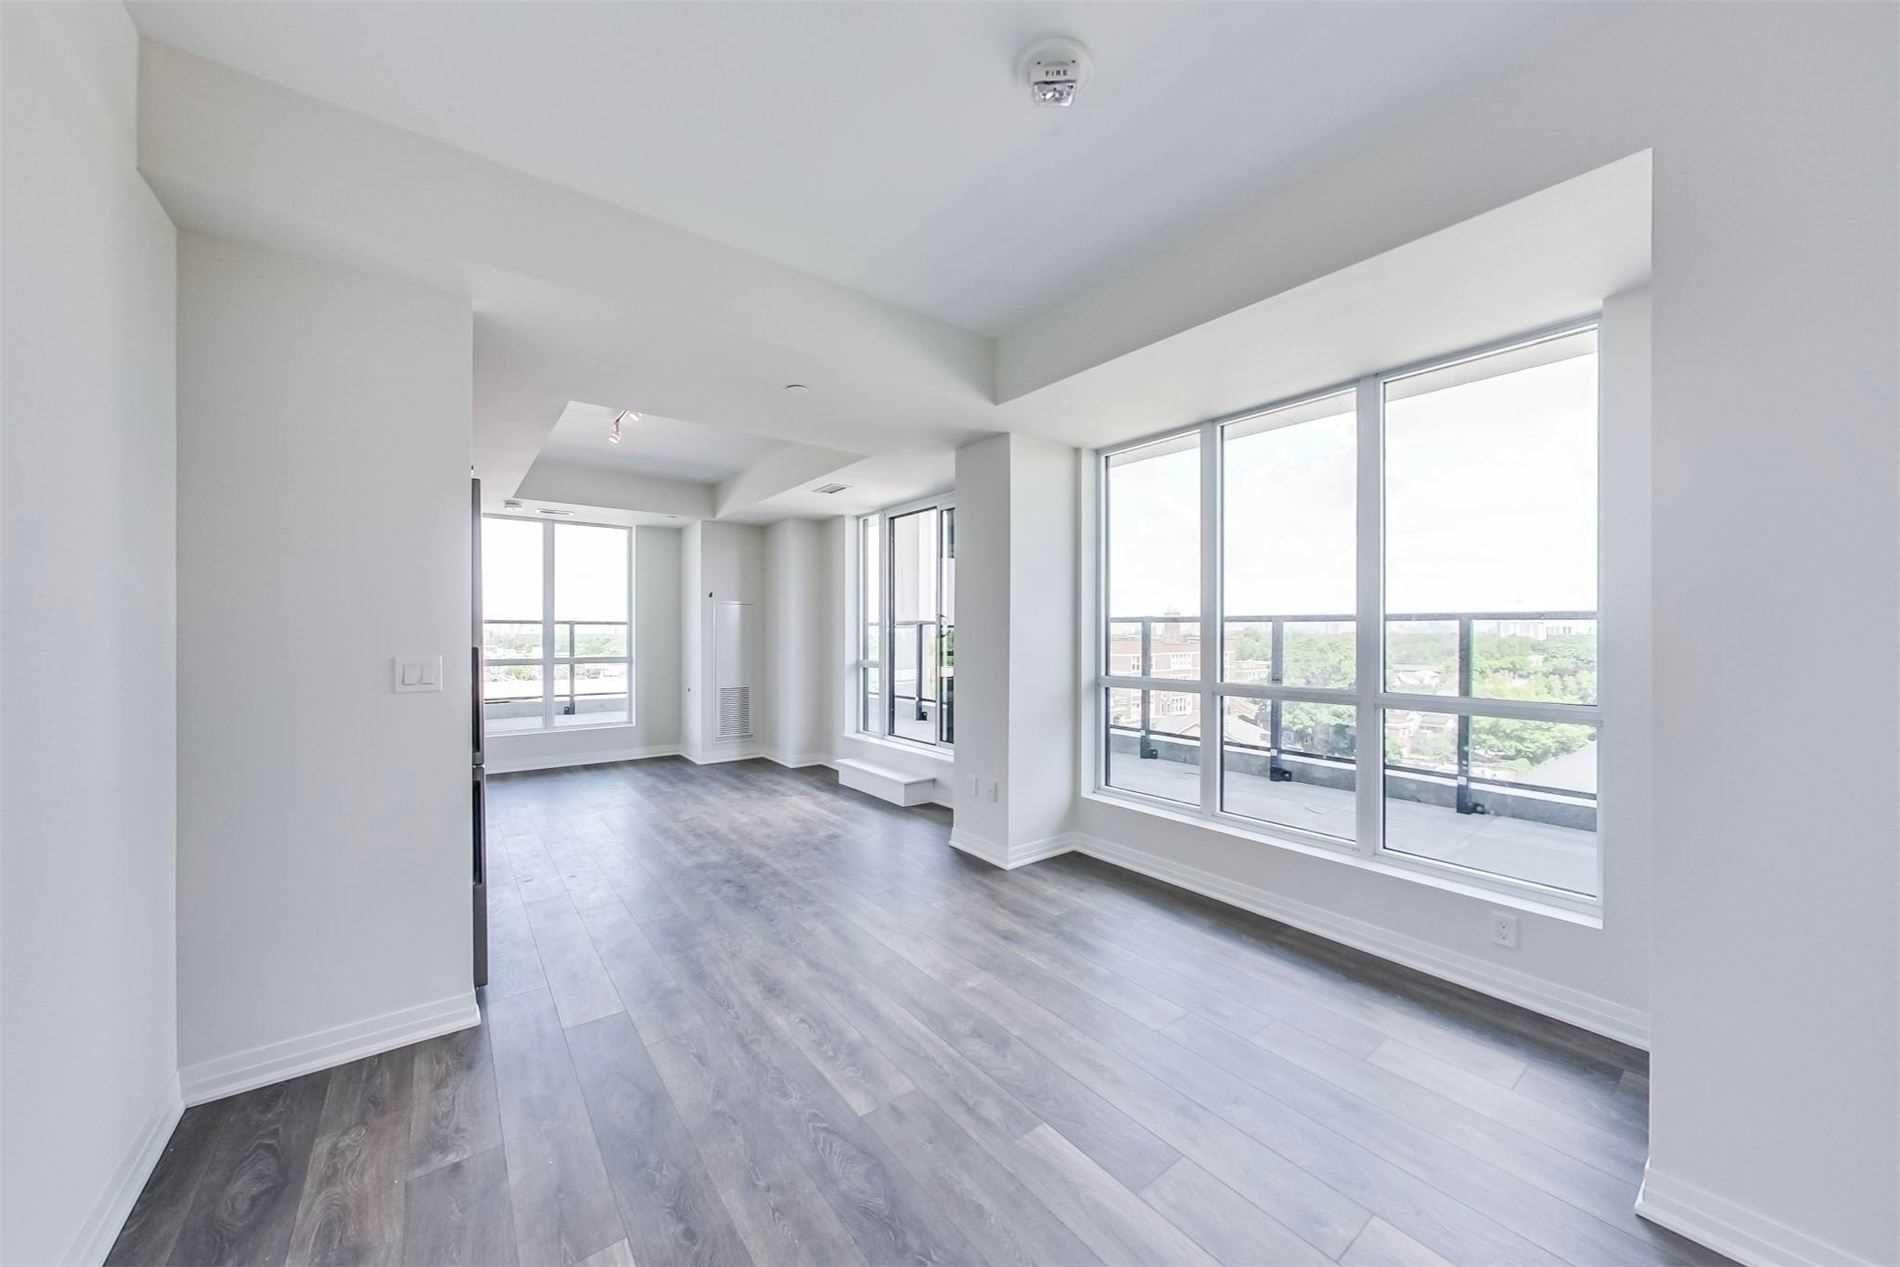 Photo 3: Photos: 711 2301 Danforth Avenue in Toronto: East End-Danforth Condo for lease (Toronto E02)  : MLS®# E4816624